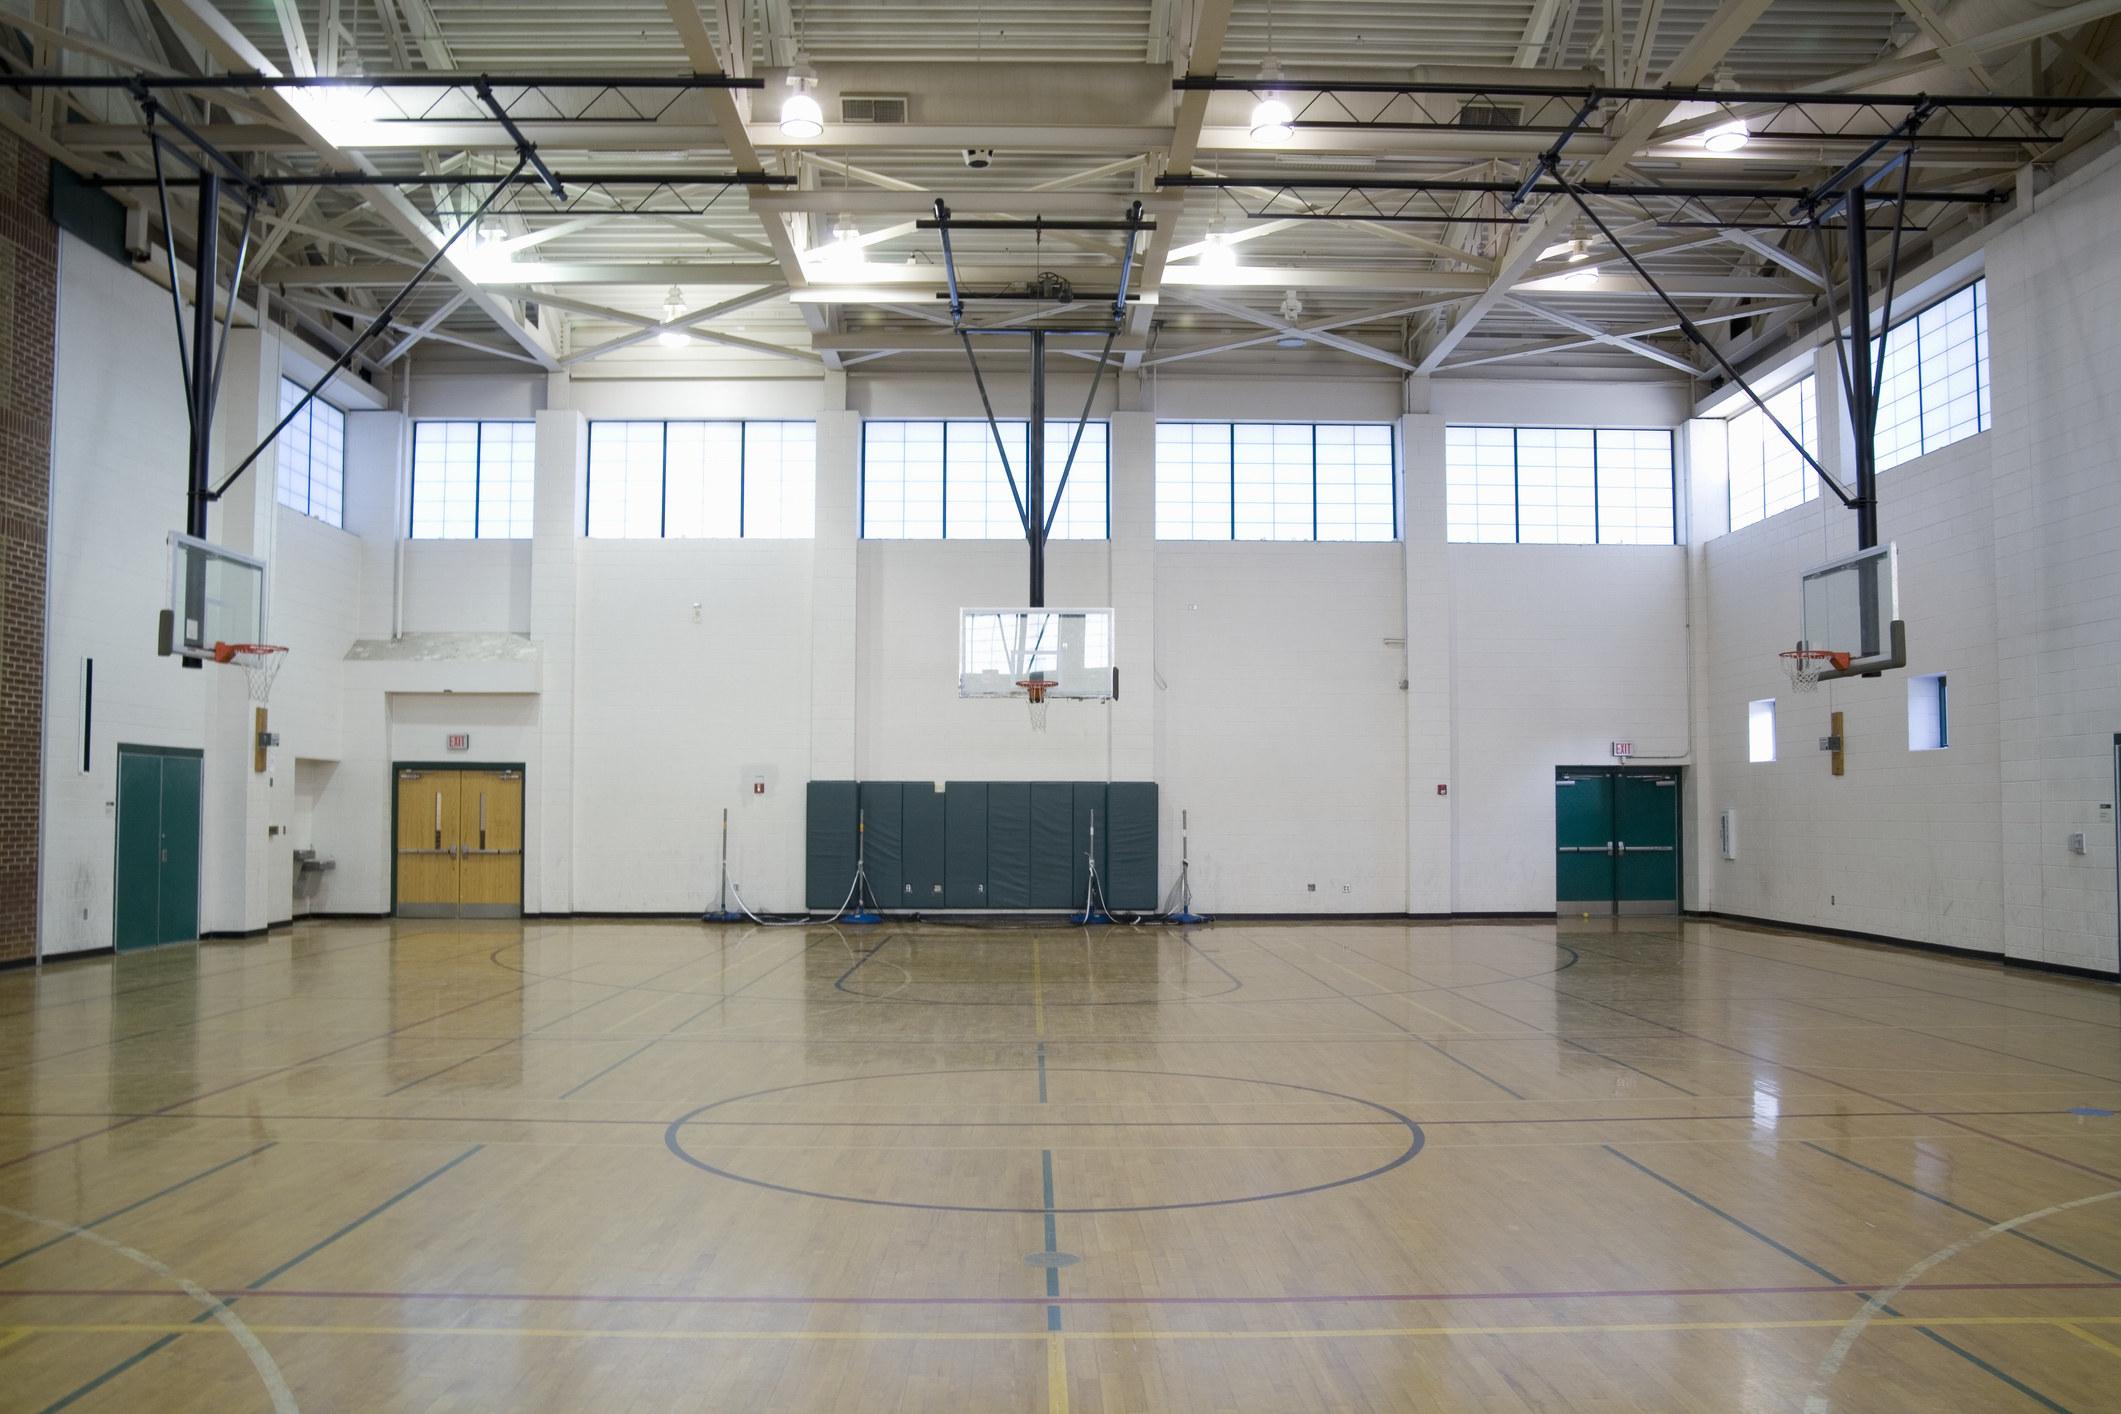 An empty school gym